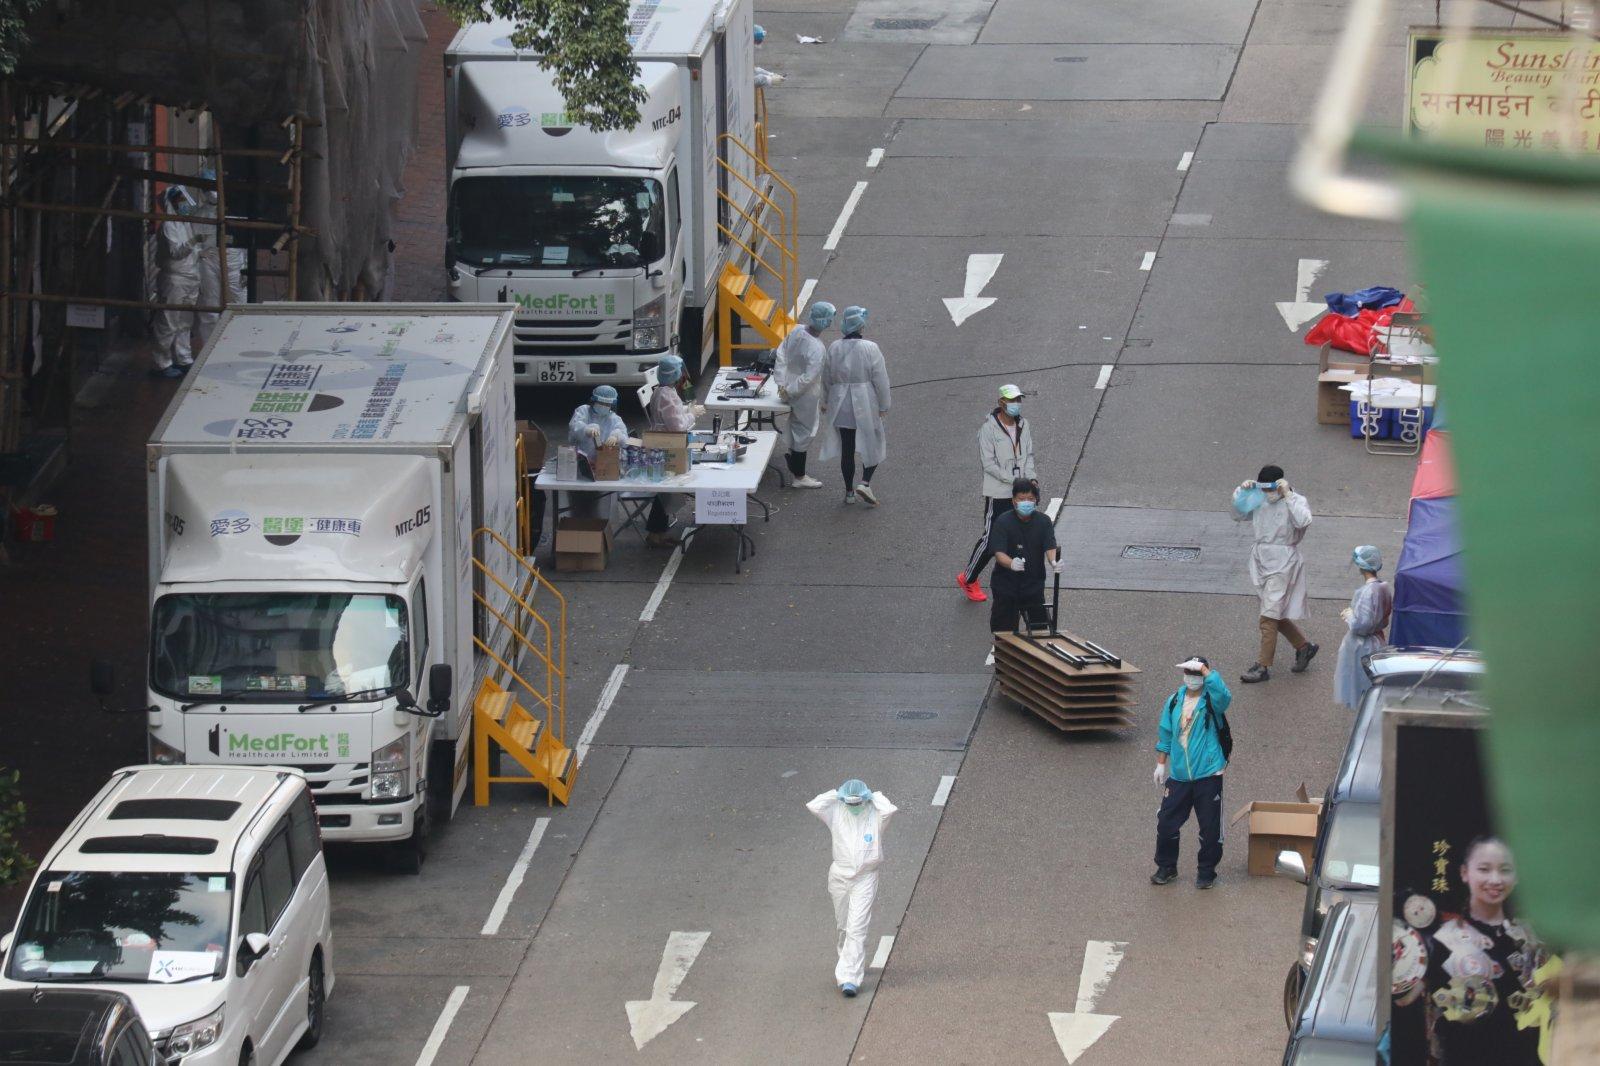 港府容許佐敦「受限區域」內已接受檢測、持有核酸檢測陰性結果,以及戴上手環的居民,今晚(24日)6時起進出指定區域。(香港文匯報記者攝)